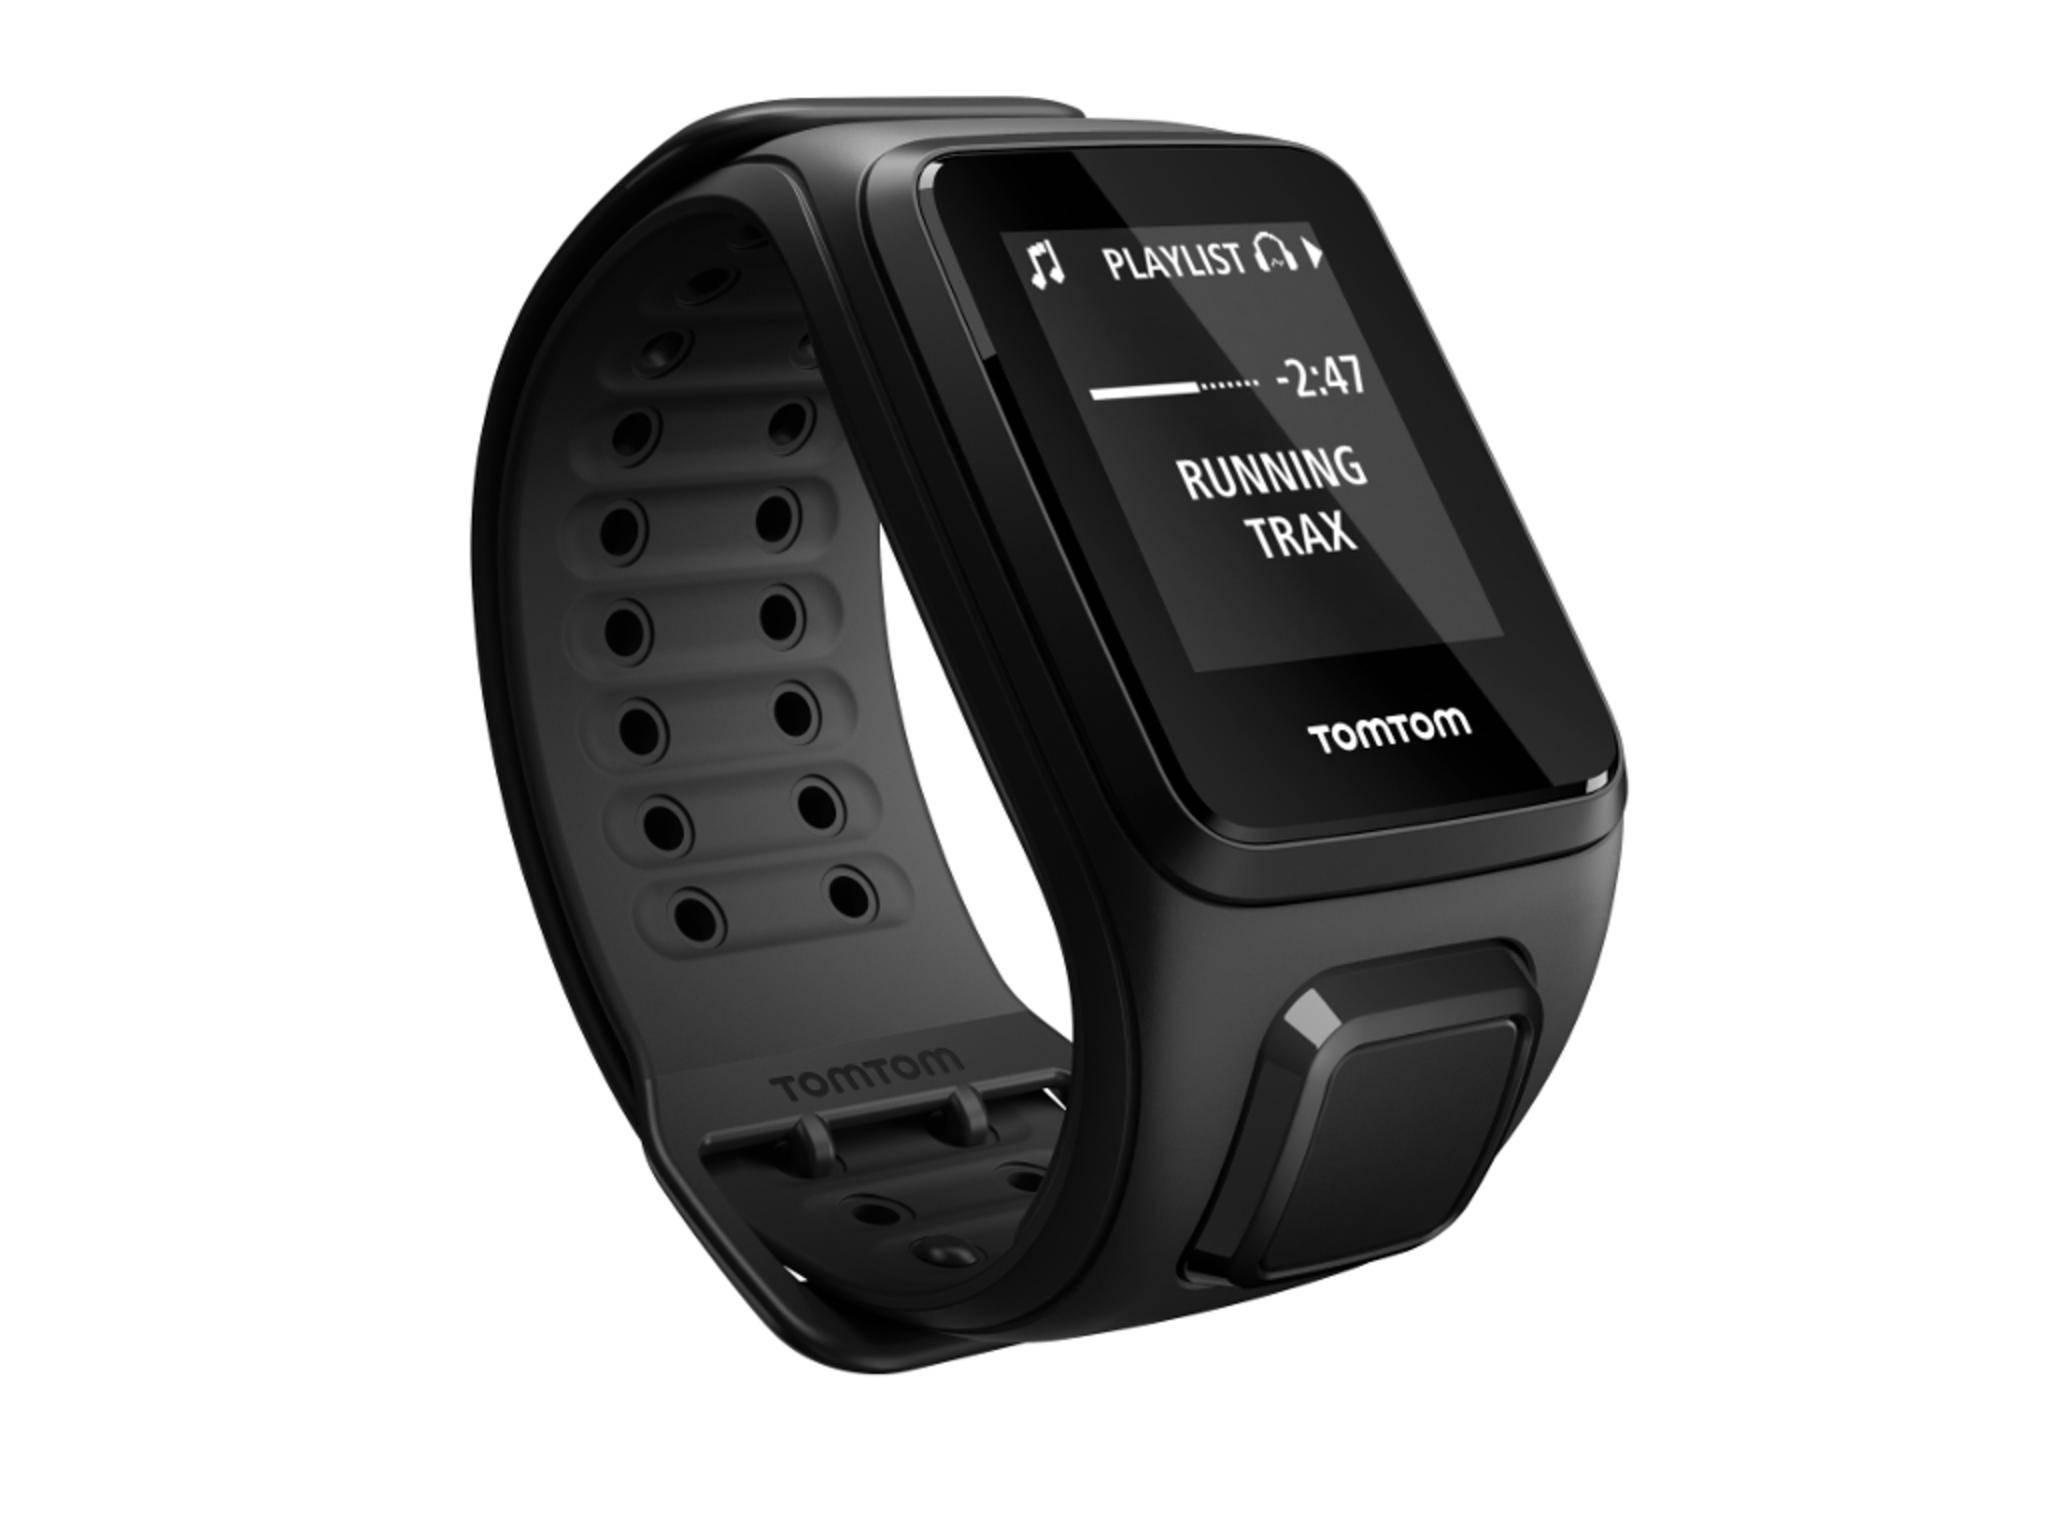 Die TomTom Spark kombiniert GPS-Sportuhr und MP3-Player,